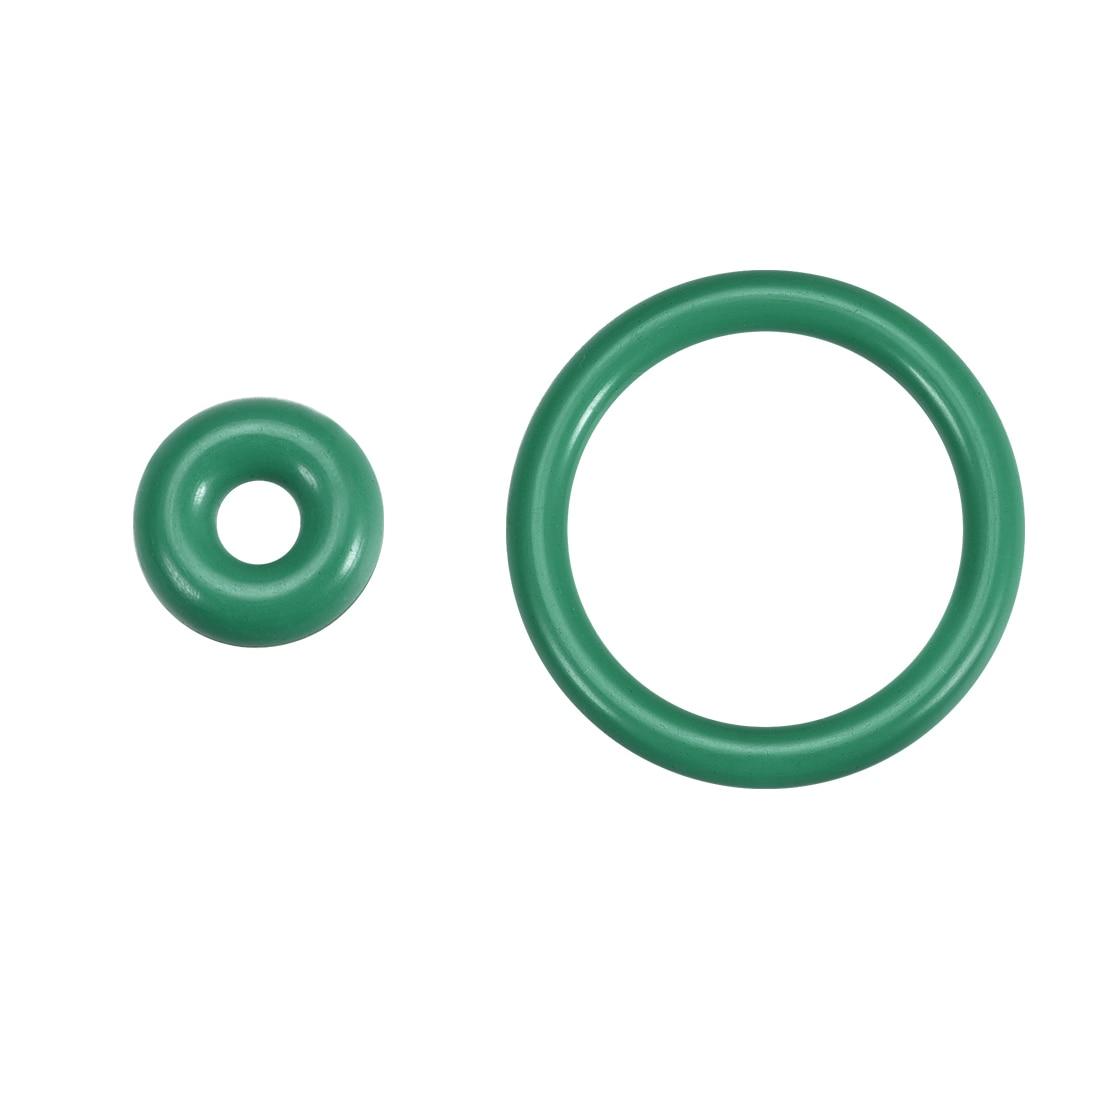 Uxcell, 10 Uds., anillos de caucho fluorado 10-25mm OD 3-18mm I.D, 3,5mm de ancho, junta de sellado verde para reparaciones hidráulicas y neumáticas